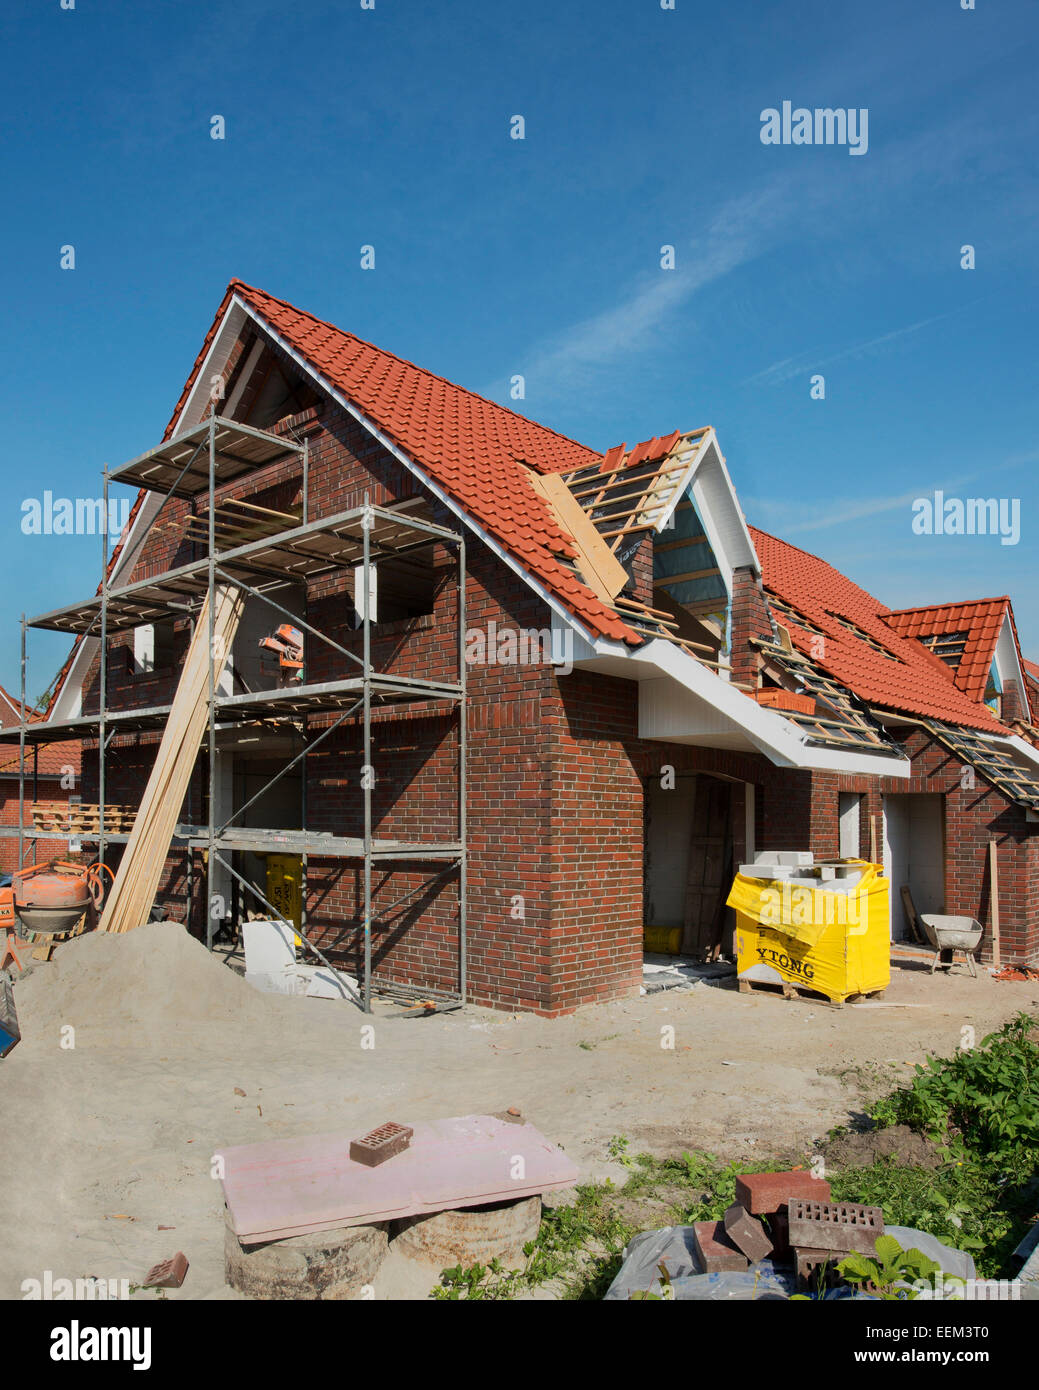 Strab Neu Gebautes Haus, Fertigstellung Des Daches, Aurich, Niedersachsen,  Deutschland